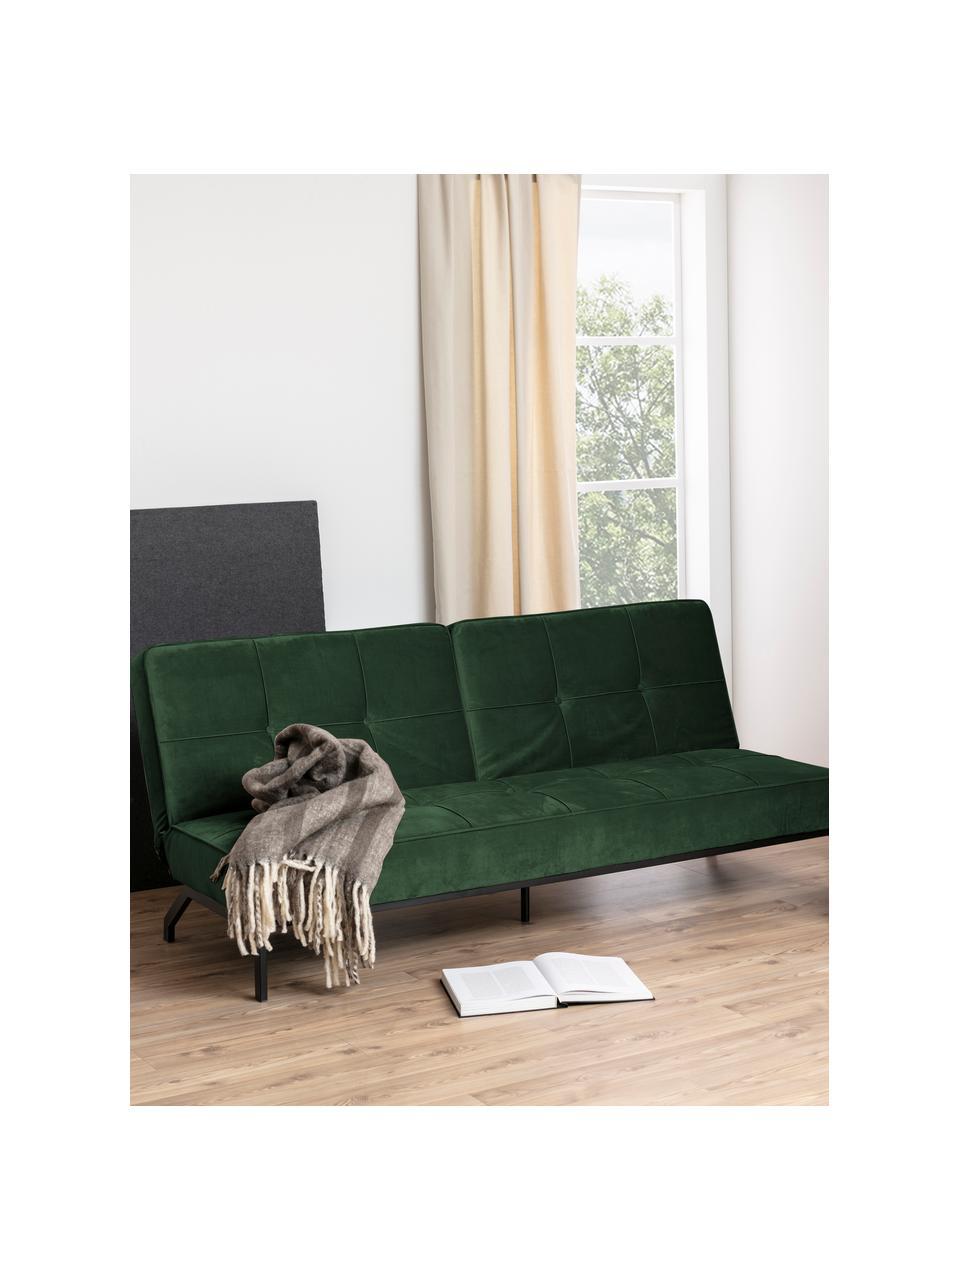 Sofa z funkcją spania z aksamitu z metalowymi nogami Perugia, Tapicerka: poliester Dzięki tkaninie, Nogi: metal lakierowany, Aksamitny zielony, S 198 x G 95 cm